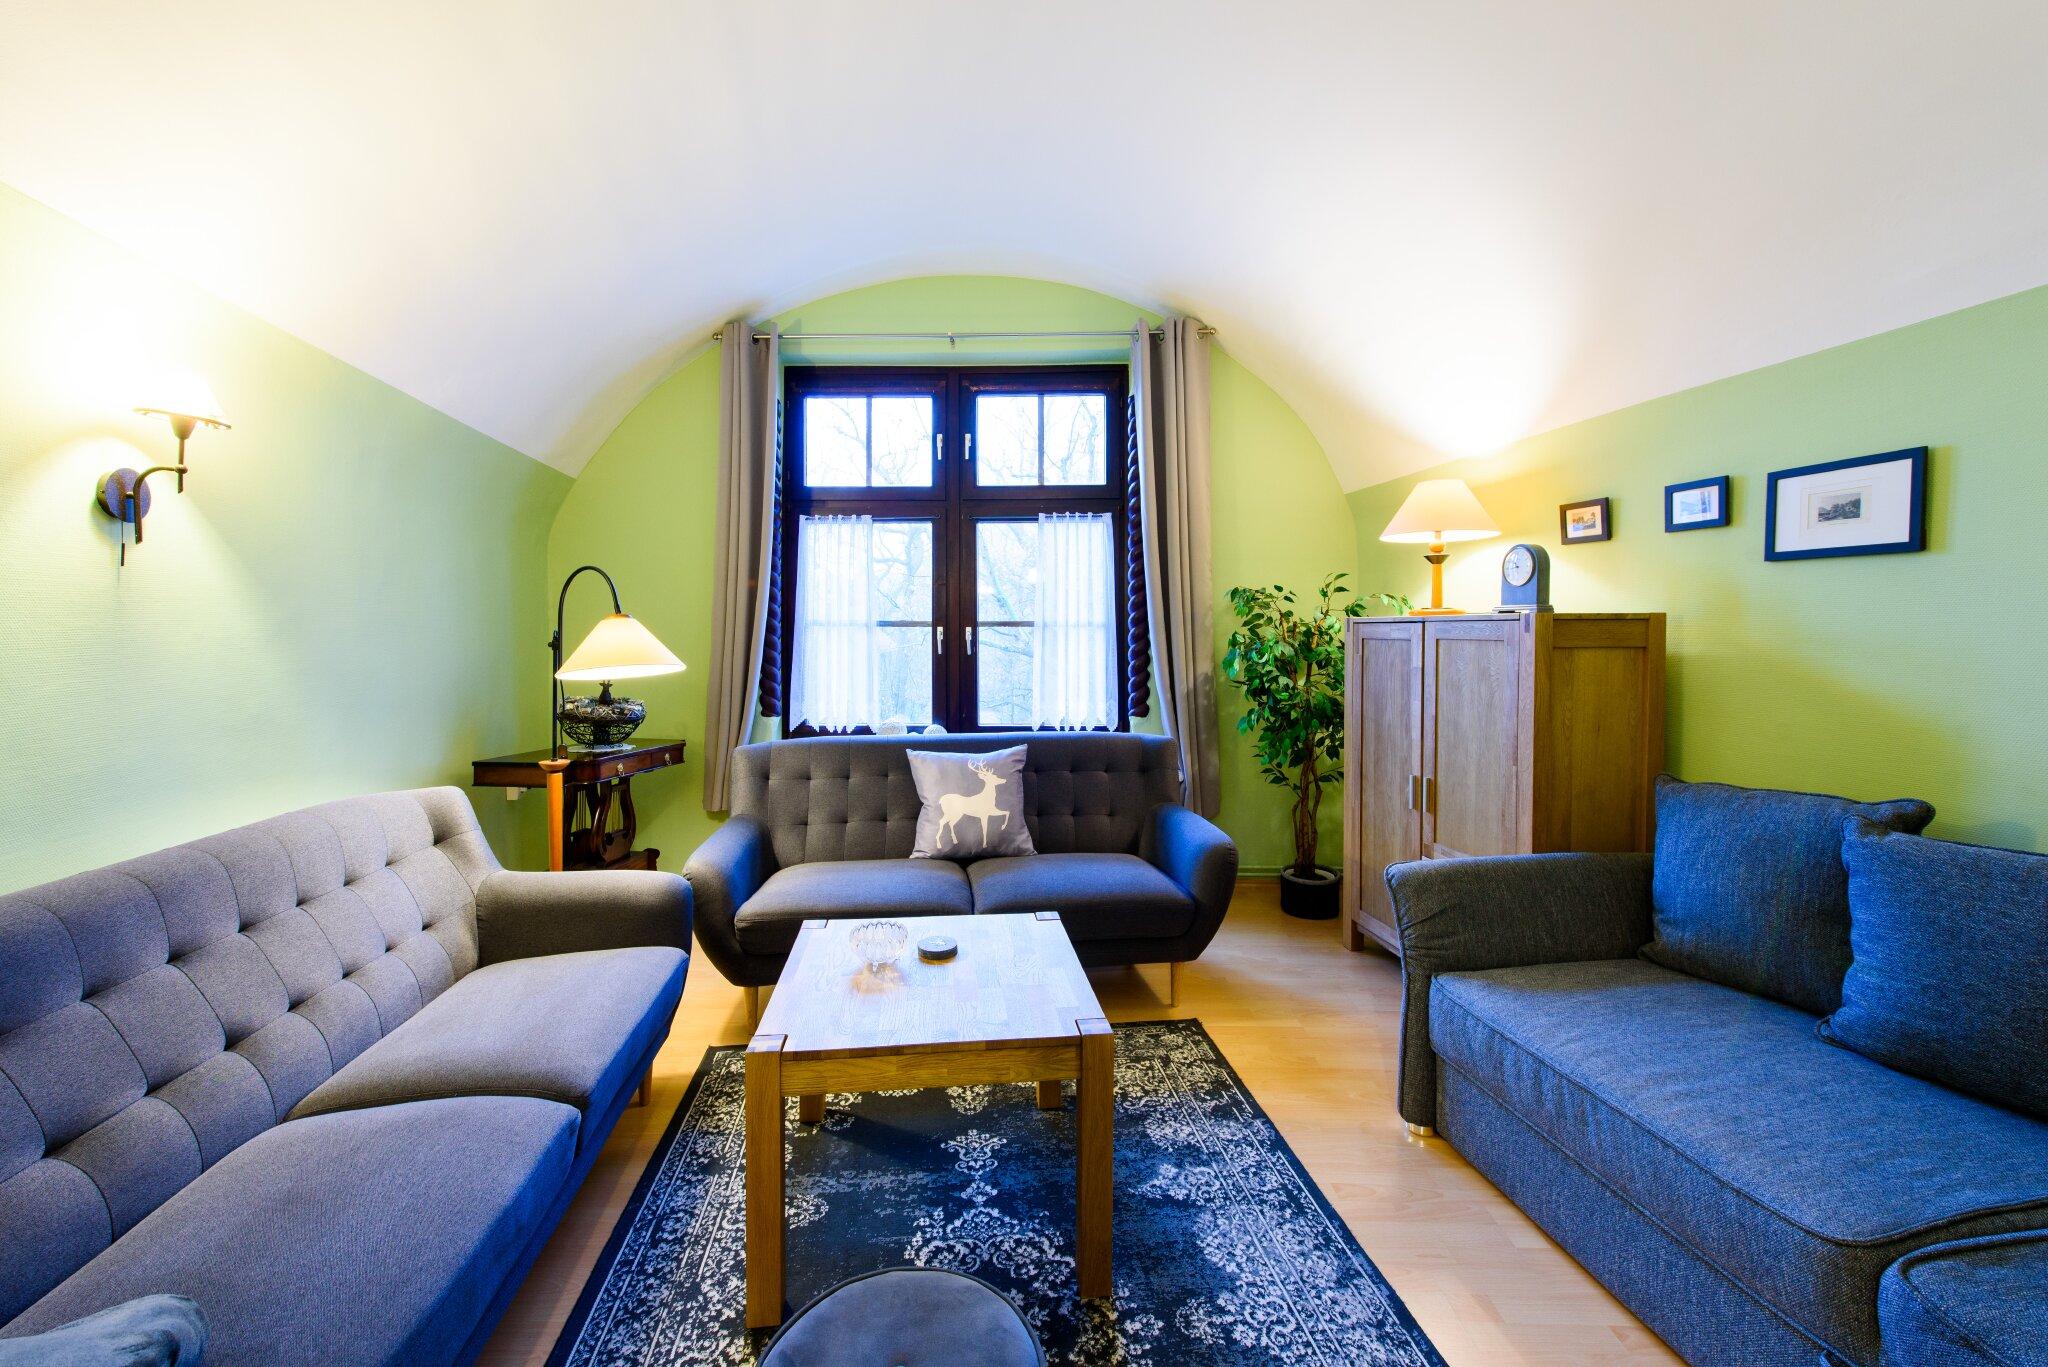 Burggraf Schlafzimmer